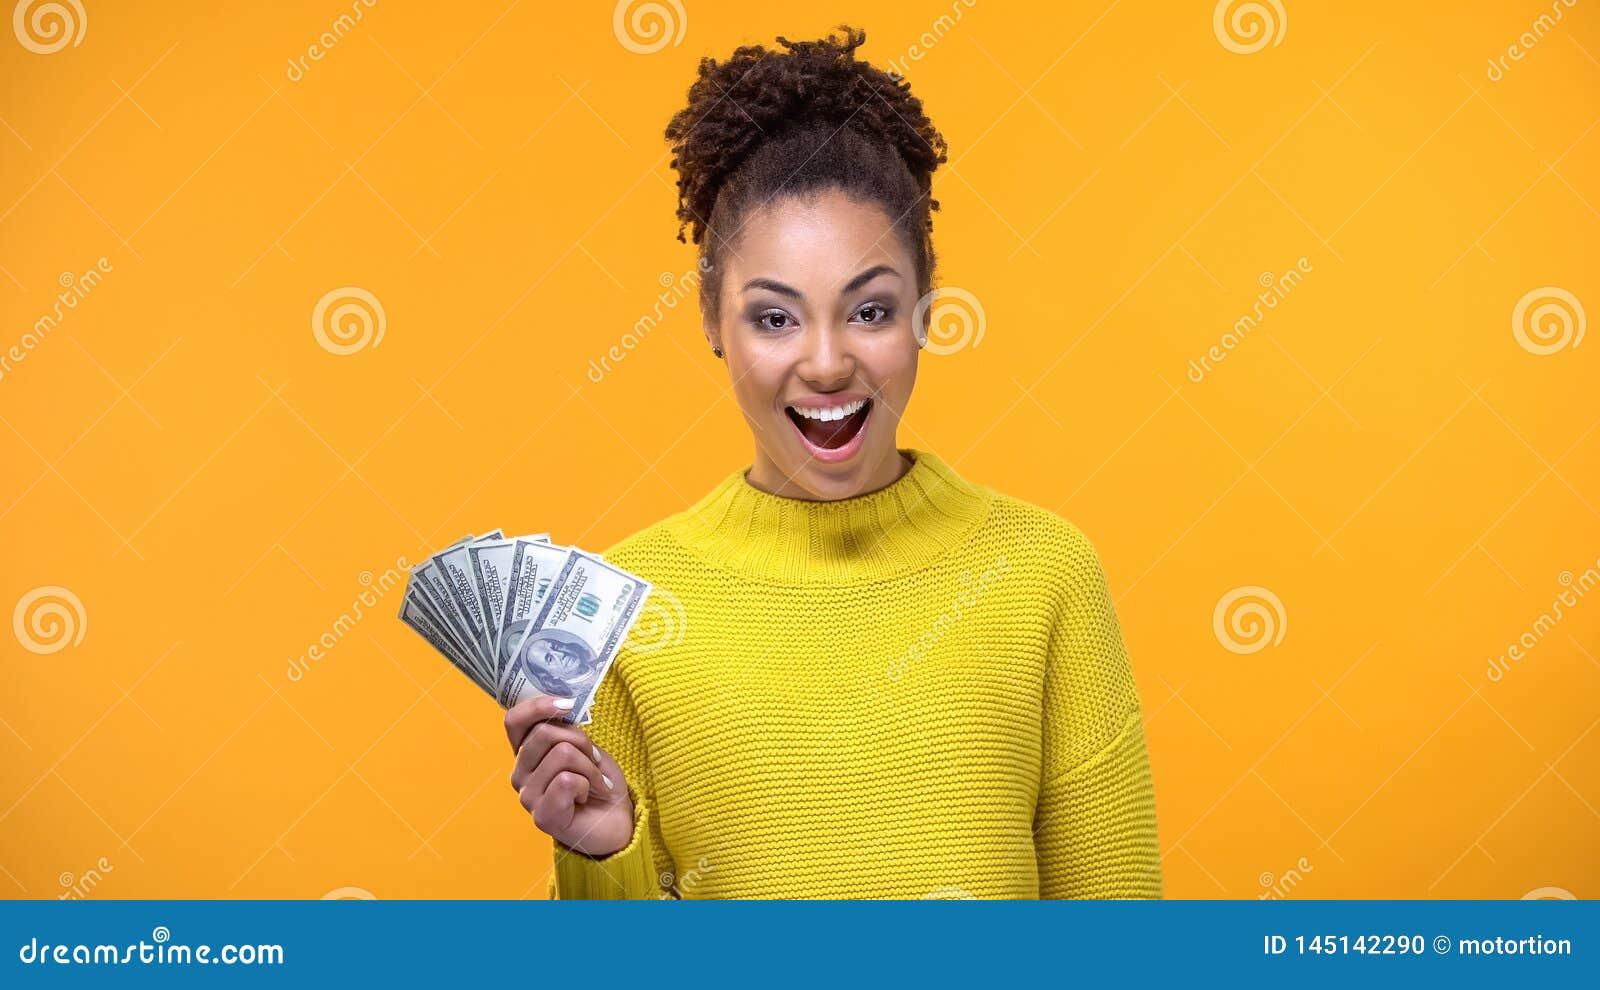 Glückliche afro-amerikanische Dame, die Bündel Dollar auf Kamera, hoch bezahlter Job zeigt